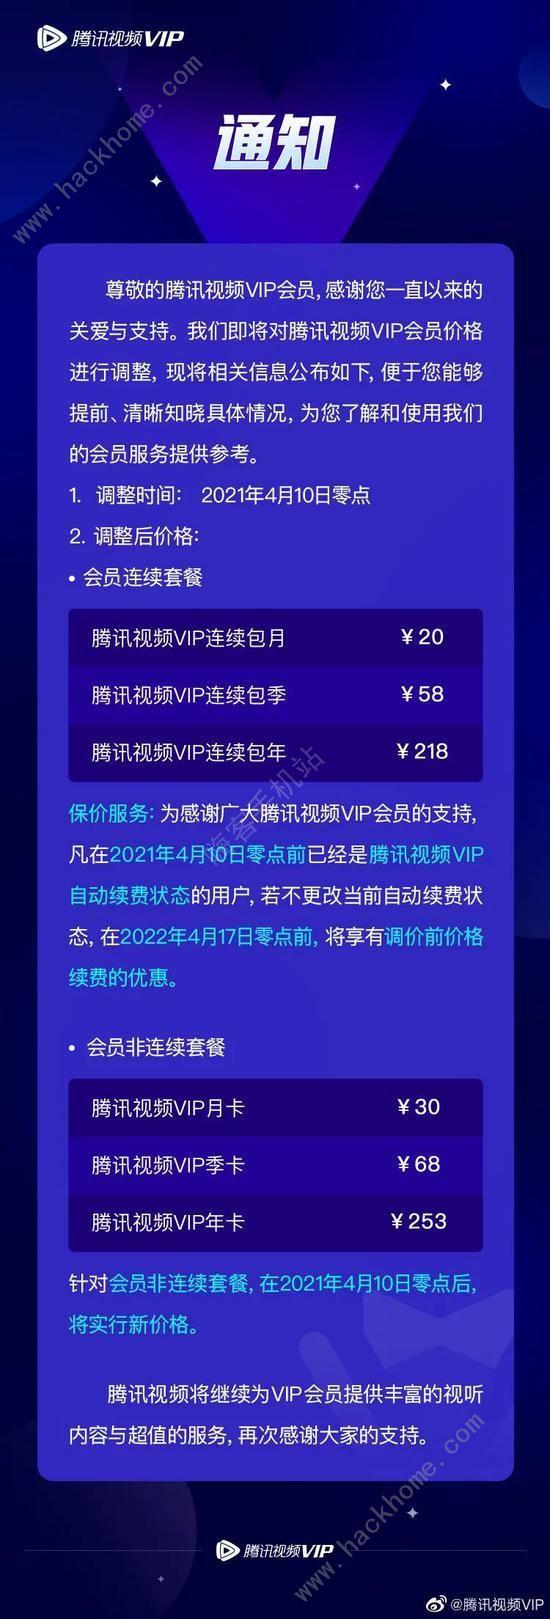 爱奇艺涨价后,腾讯视频也要涨价了!网友:真心买不起[多图]图片2